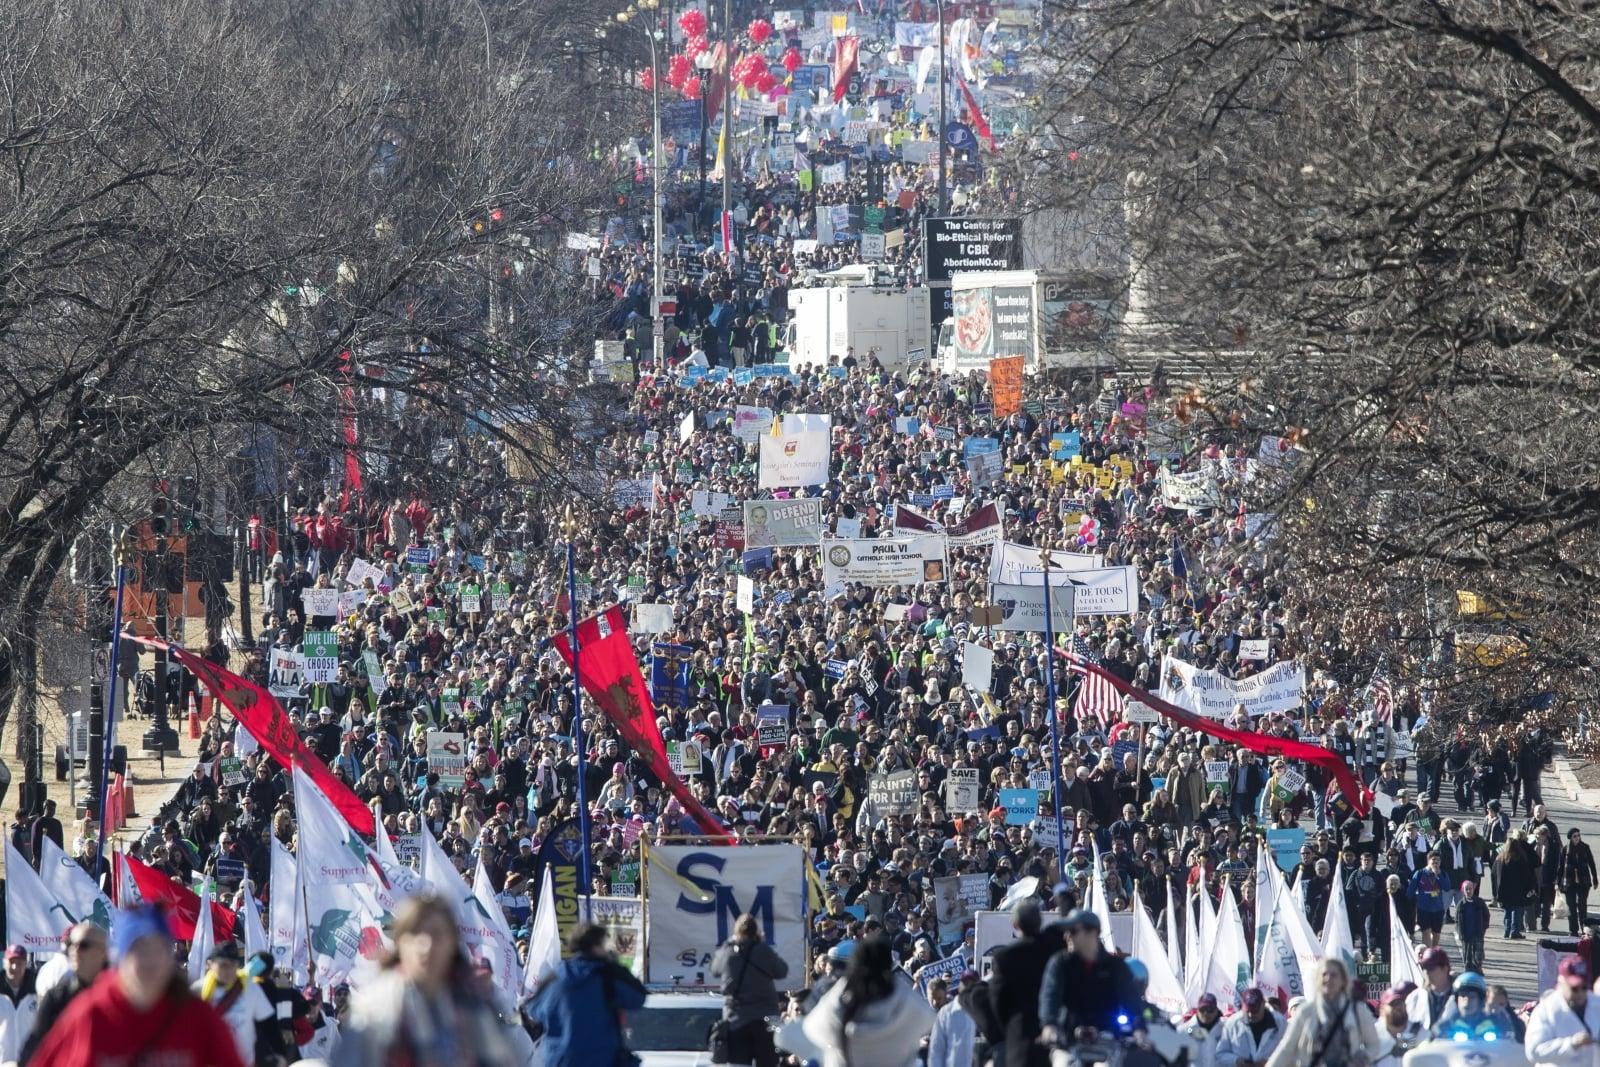 USA - marsz za życiem  EPA/MICHAEL REYNOLDS